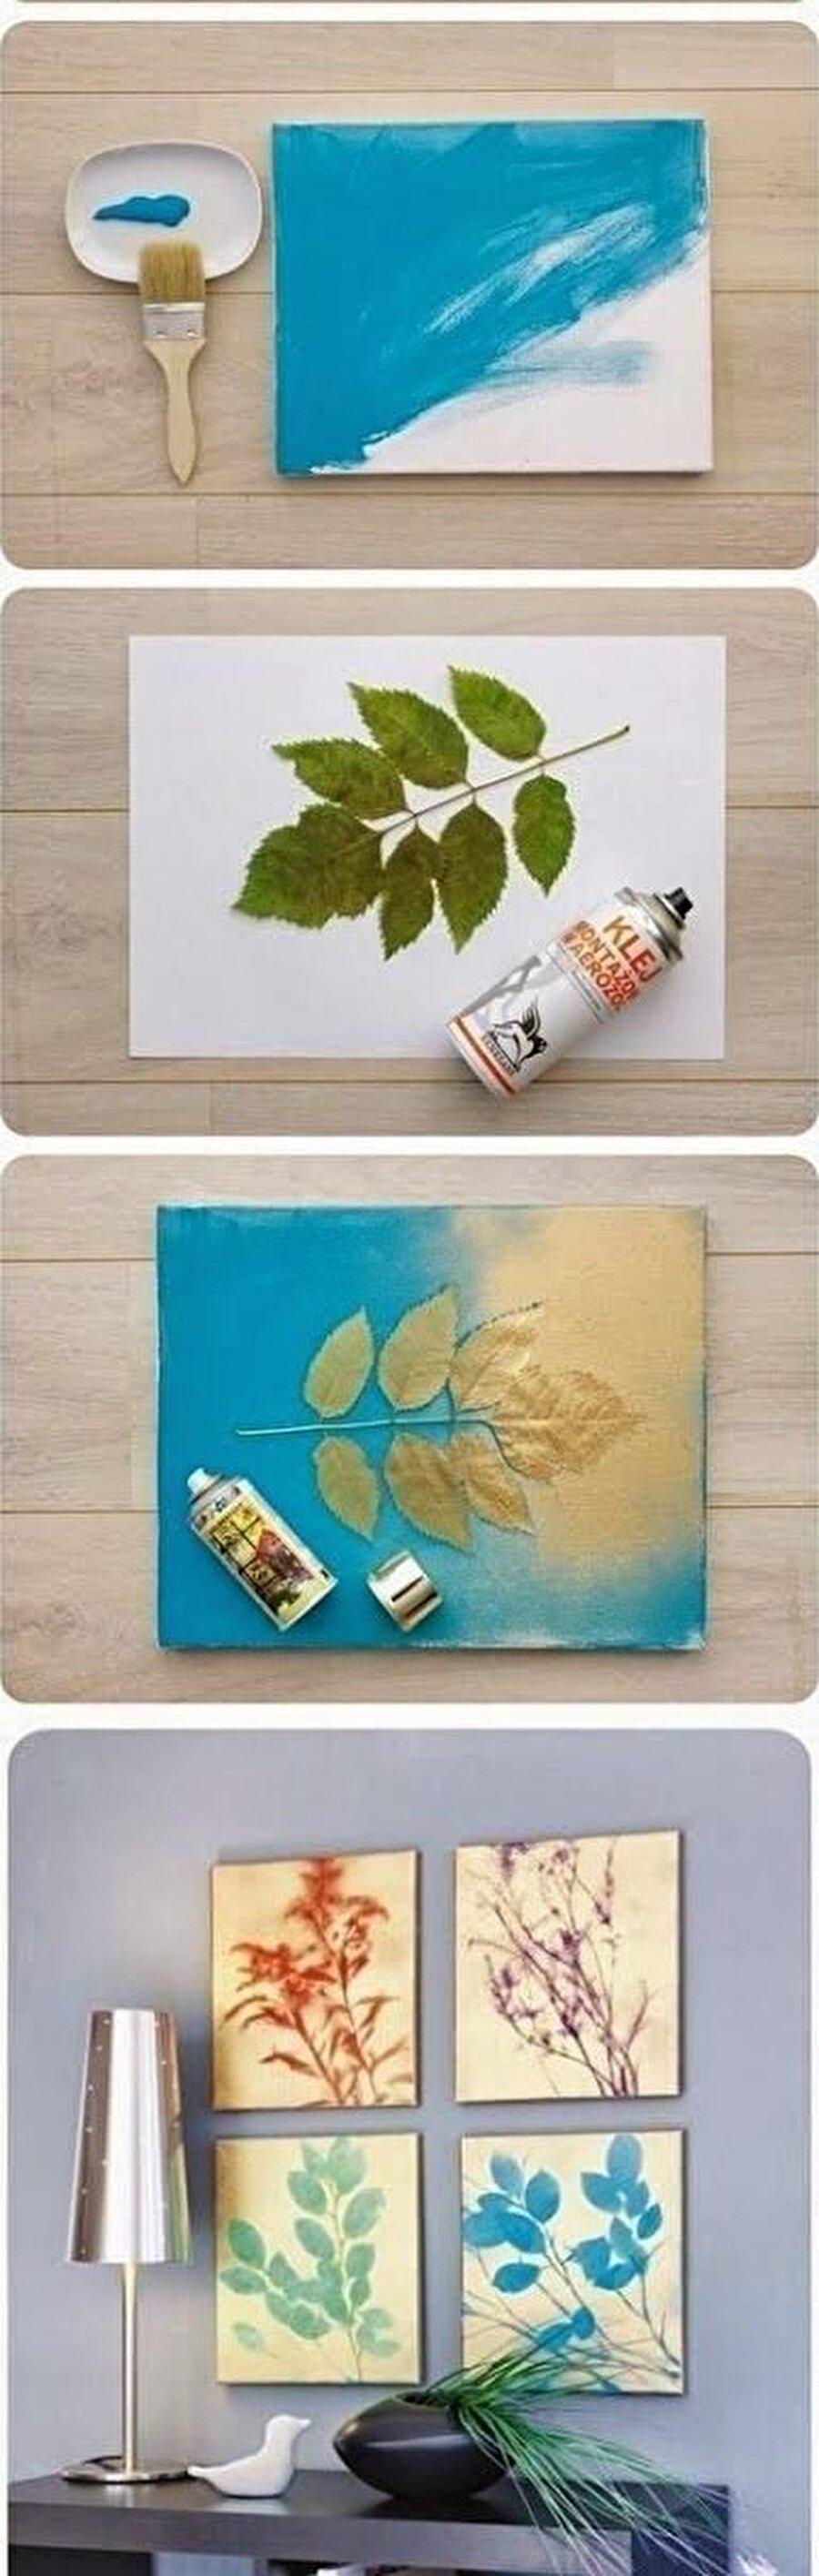 Sanatçı sizsiniz!                                      Burada sanat da sanatçı da sizsiniz! Kendinizi özgür bırakın ve fırçayı elinize alın. Harika tablolarla salonunuzu ya da oturma odanızı renklendirin.